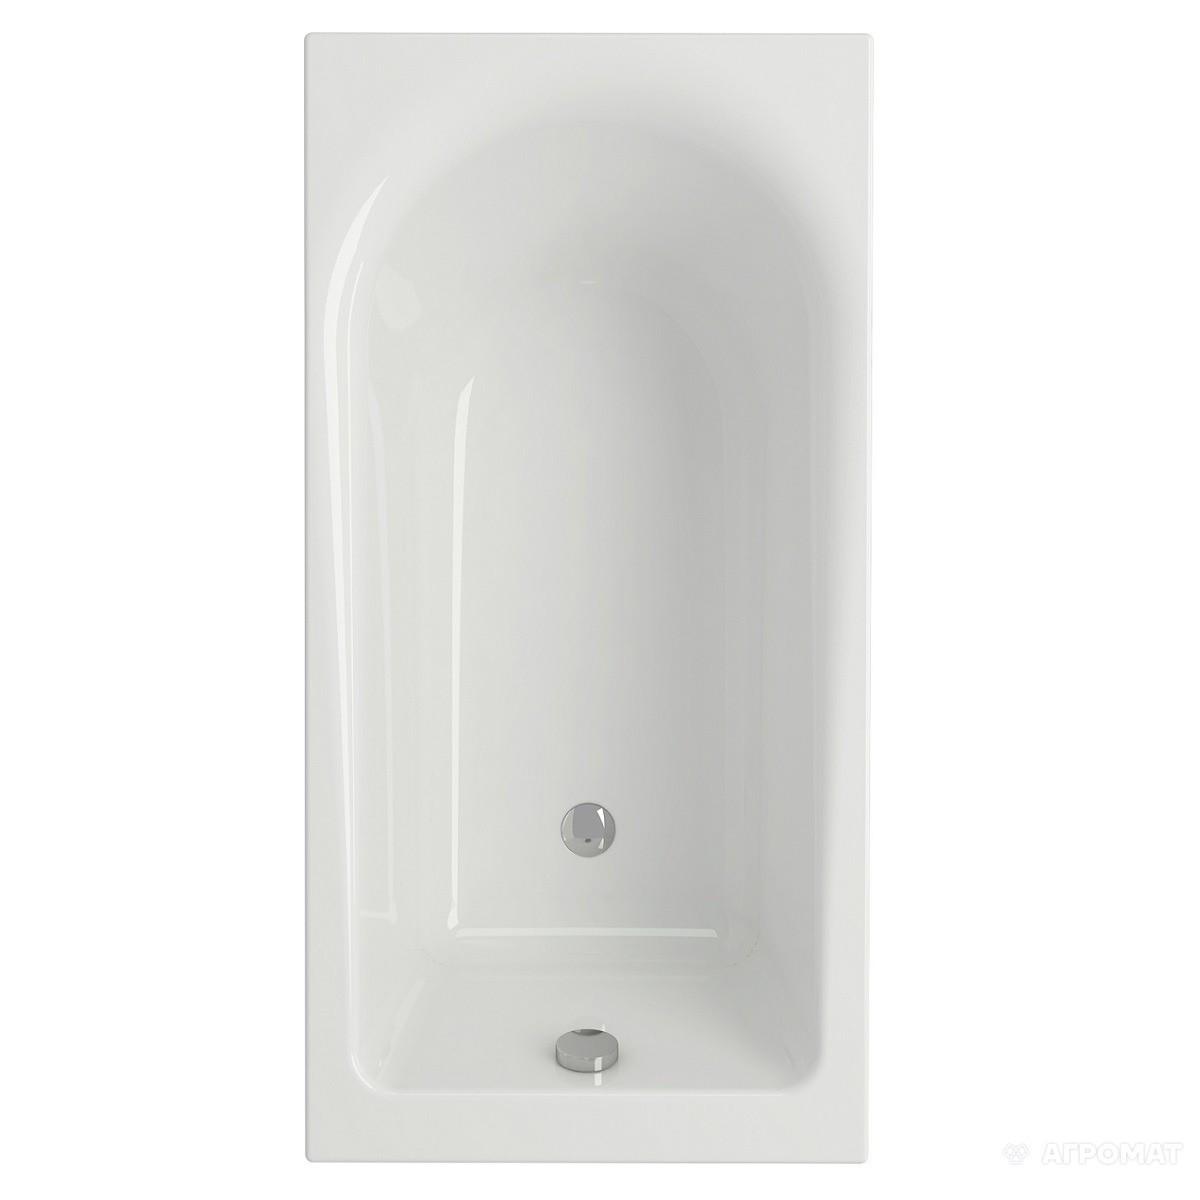 Акриловая ванна Cersanit Flavia 160x70 см